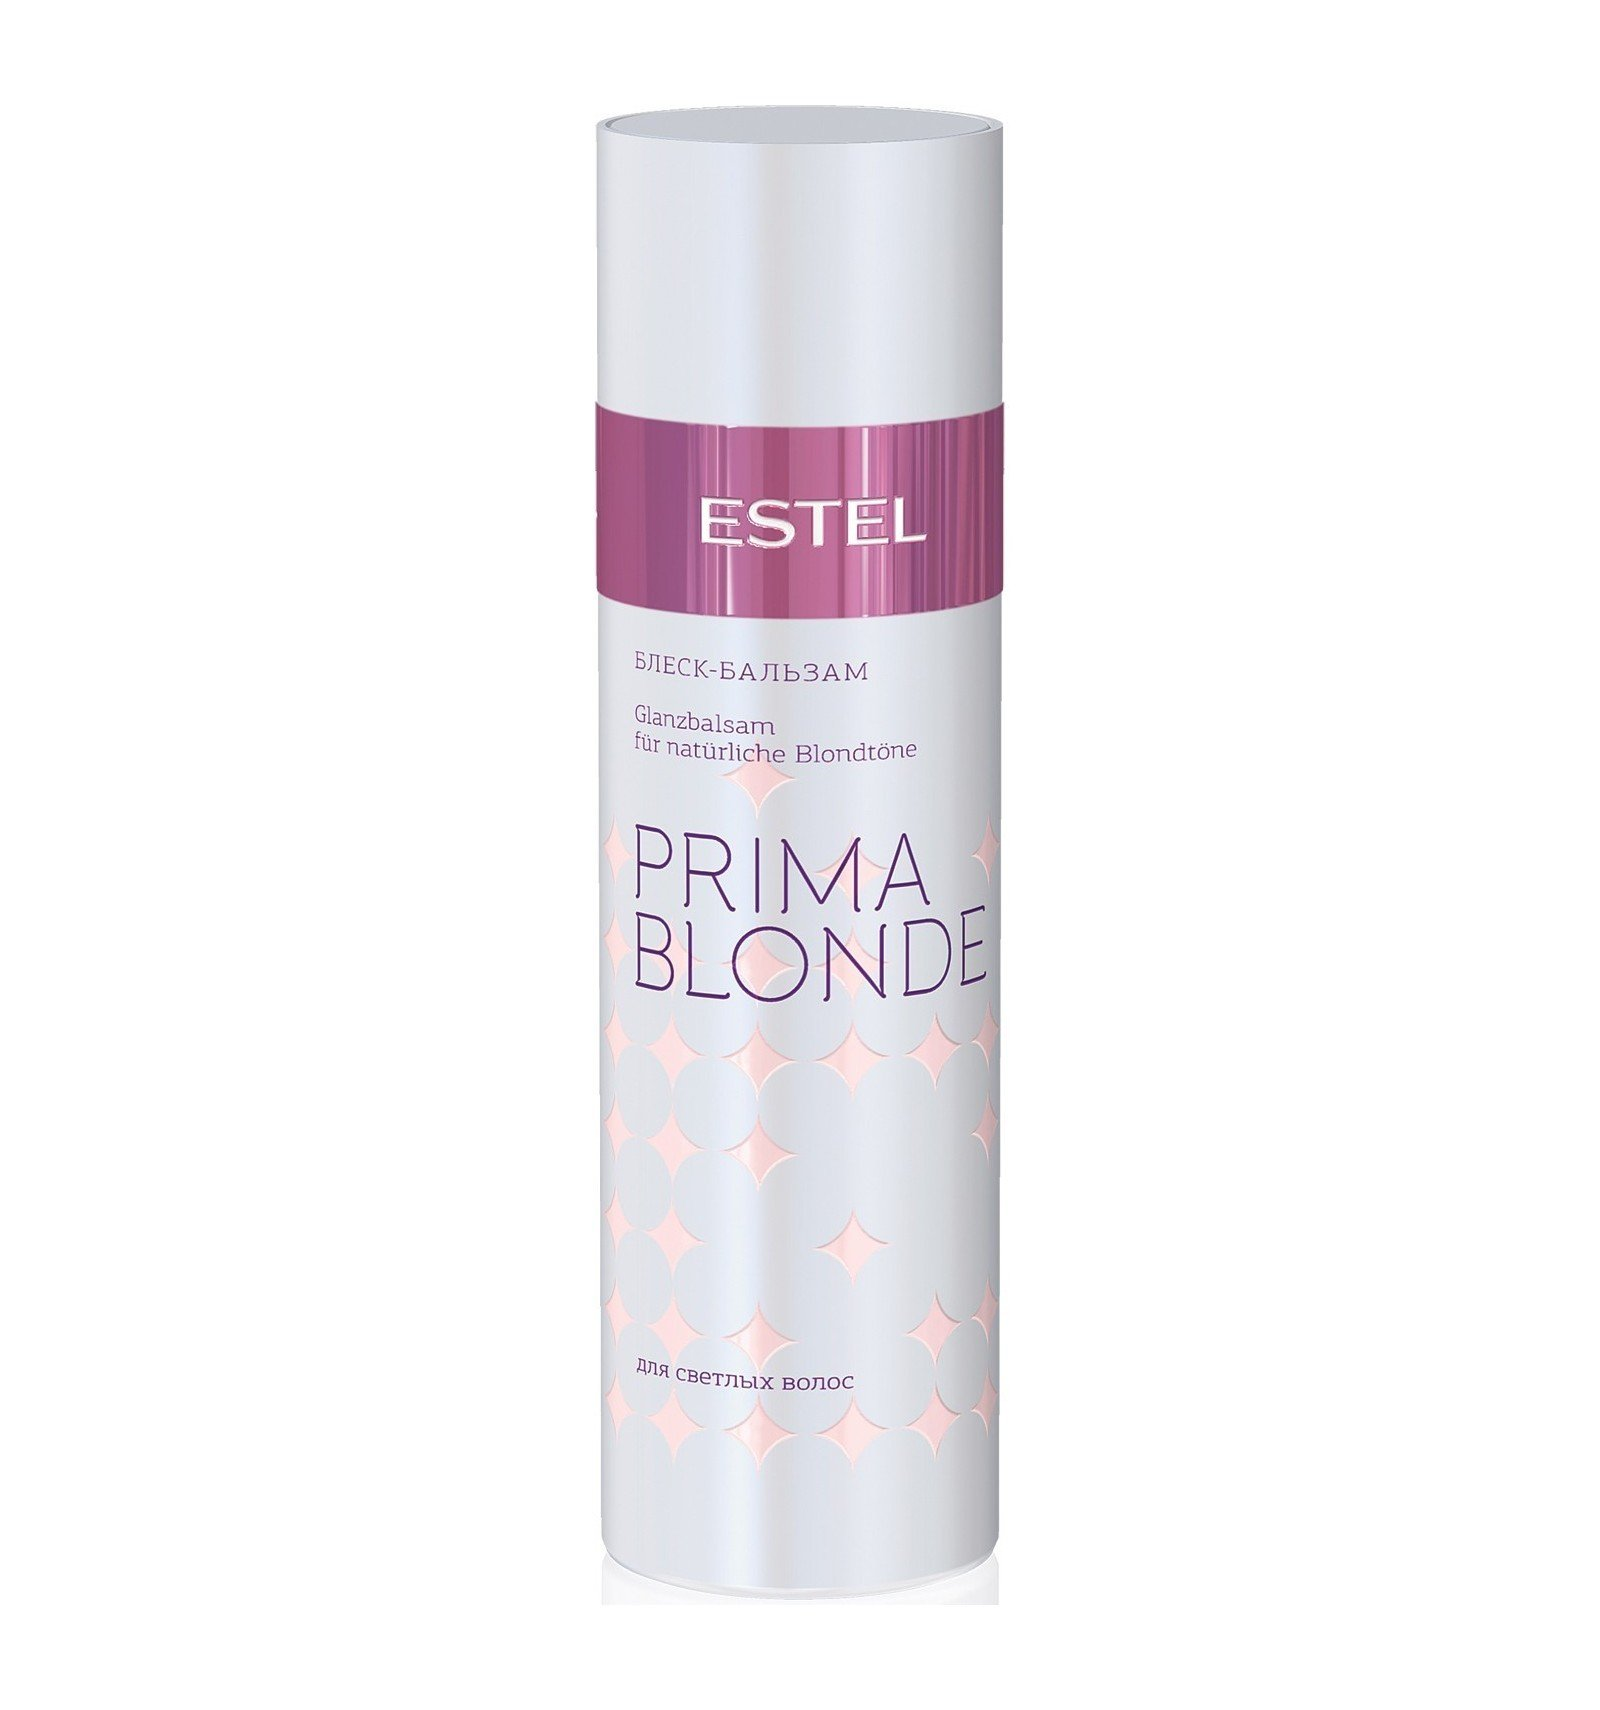 ESTEL PROFESSIONAL Блеск-бальзам для светлых волос / OTIUM Prima Blonde 200 мл - Бальзамы